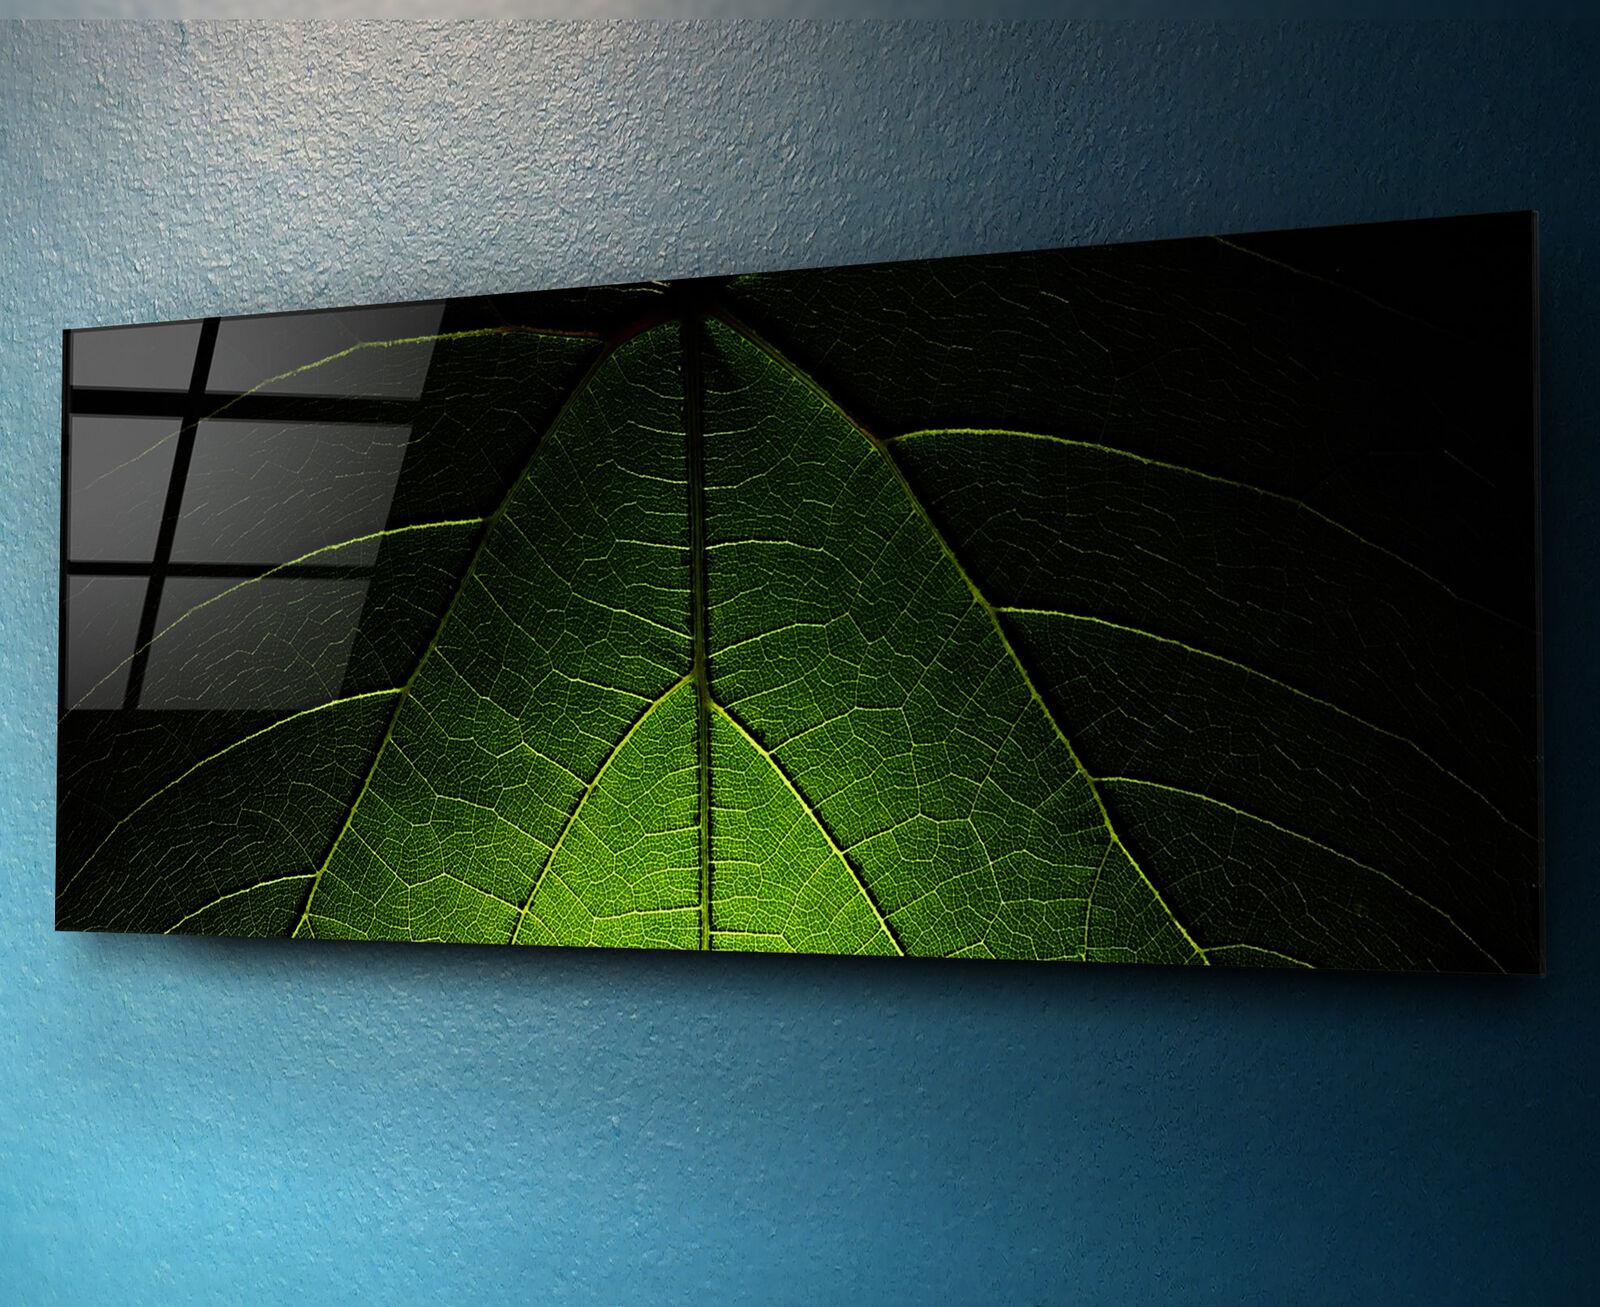 VETRO Stampa Wall Art 125x50cm Immagine Su Vetro Decorativo Decorativo Decorativo Muro Foto 63193468 51a795